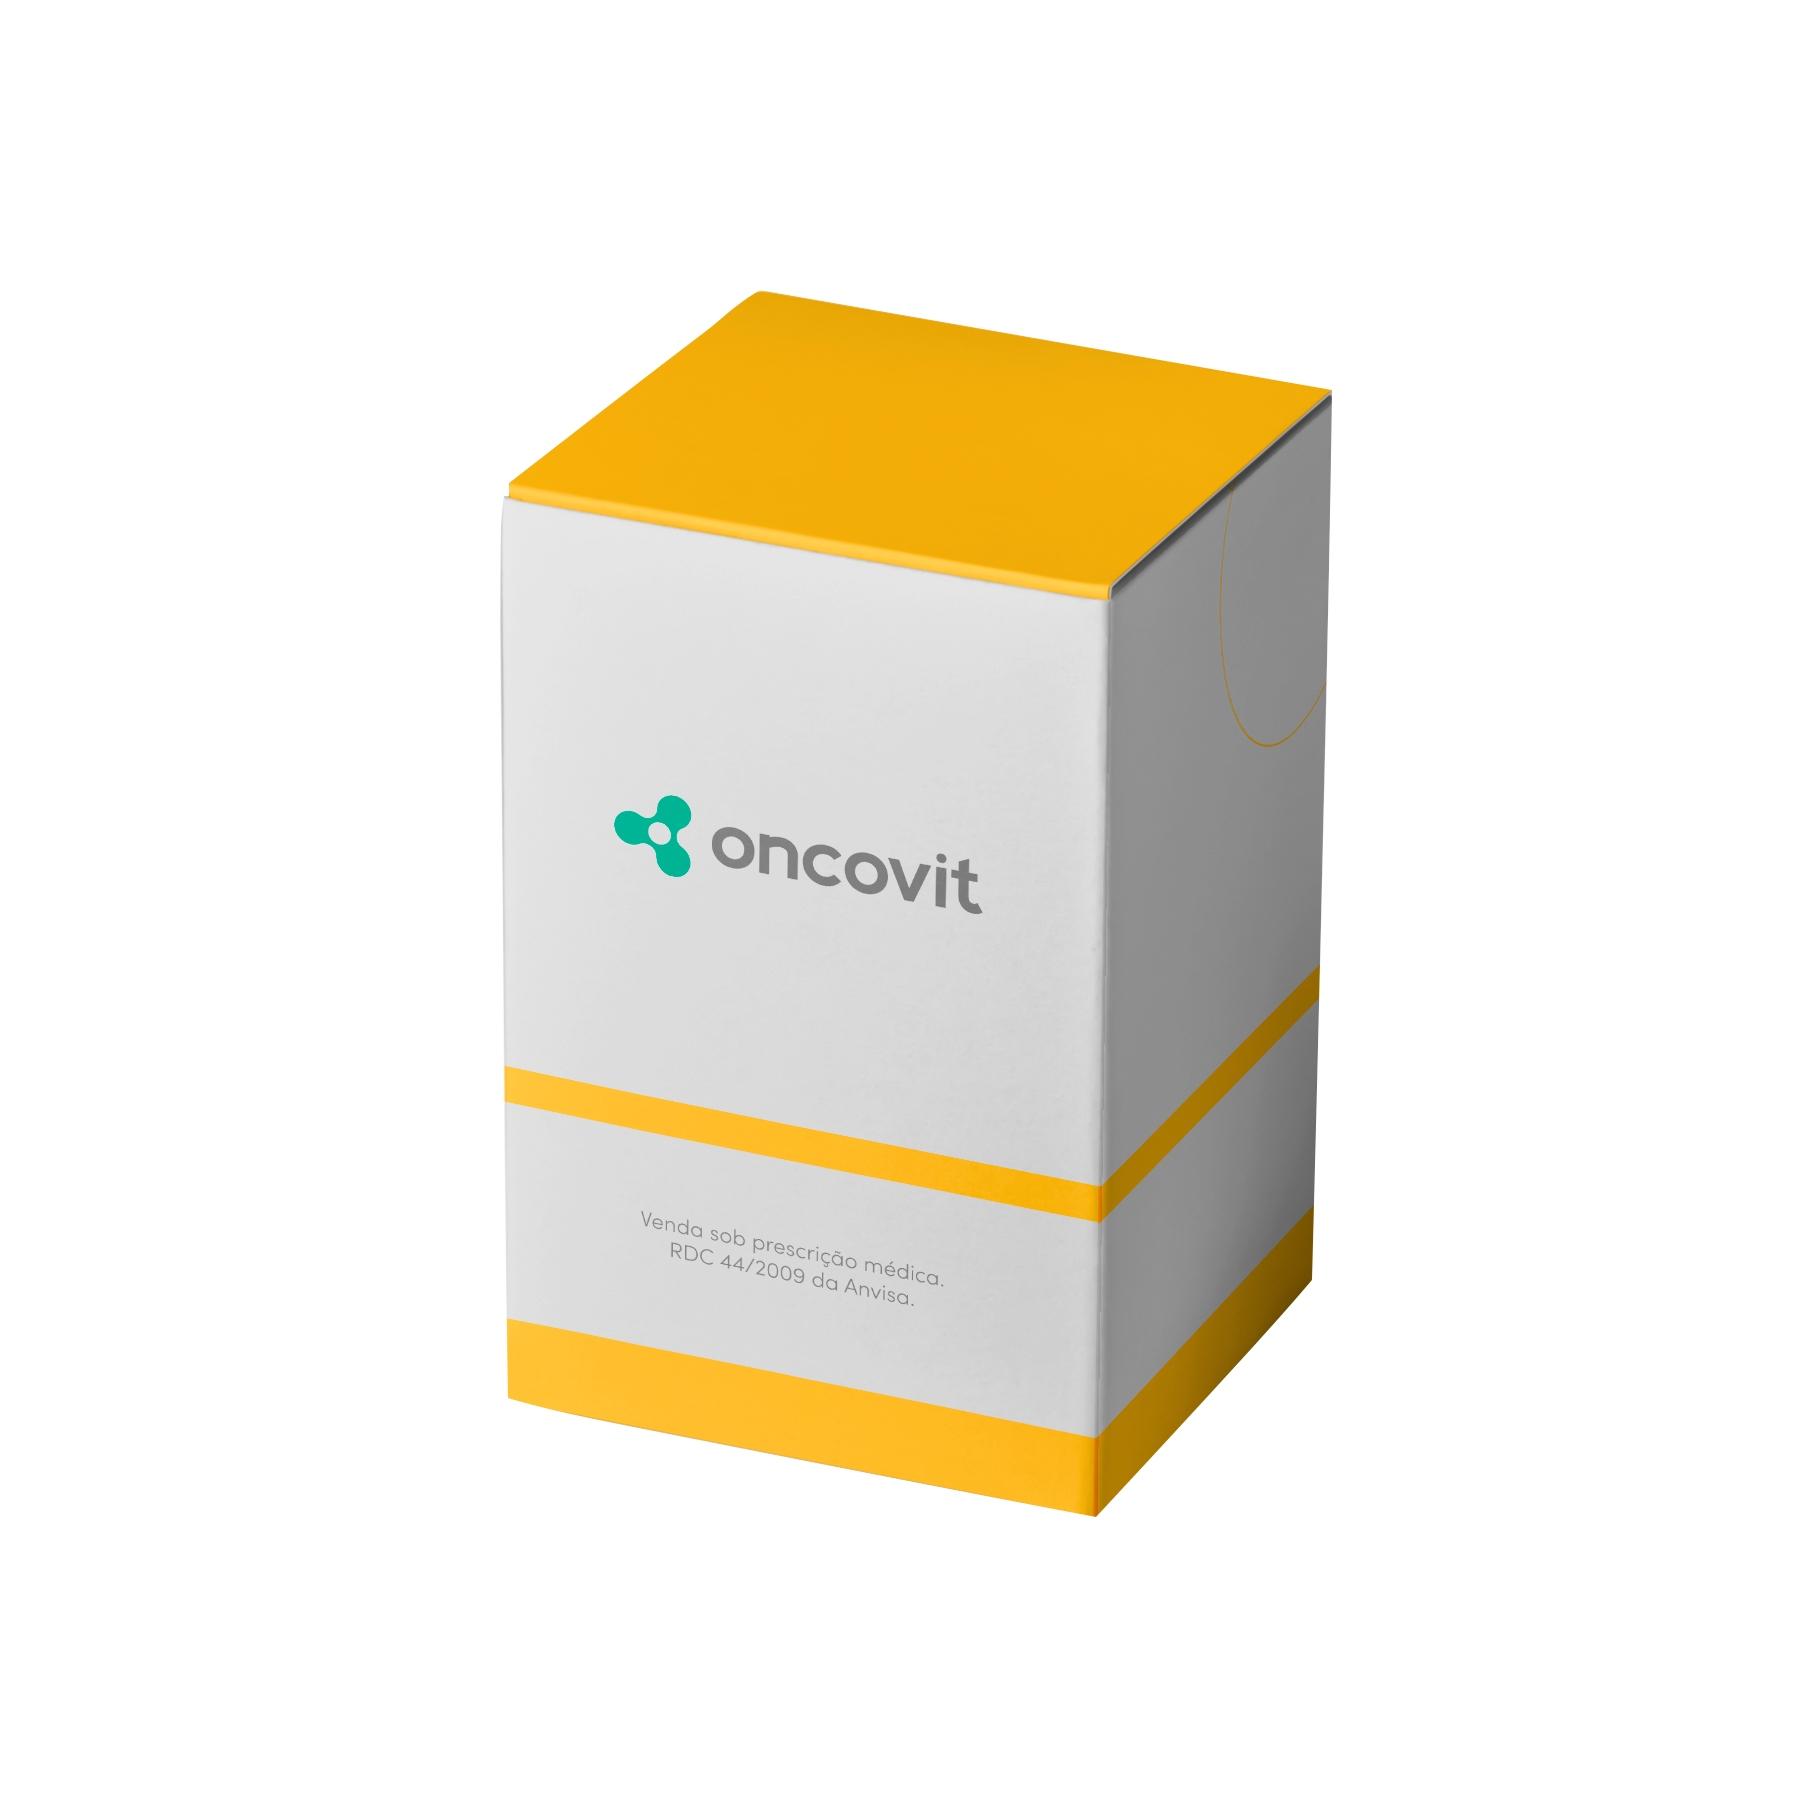 Crystalvisc 42mg, caixa com 1 seringa de 2mL de solução de uso intravenoso